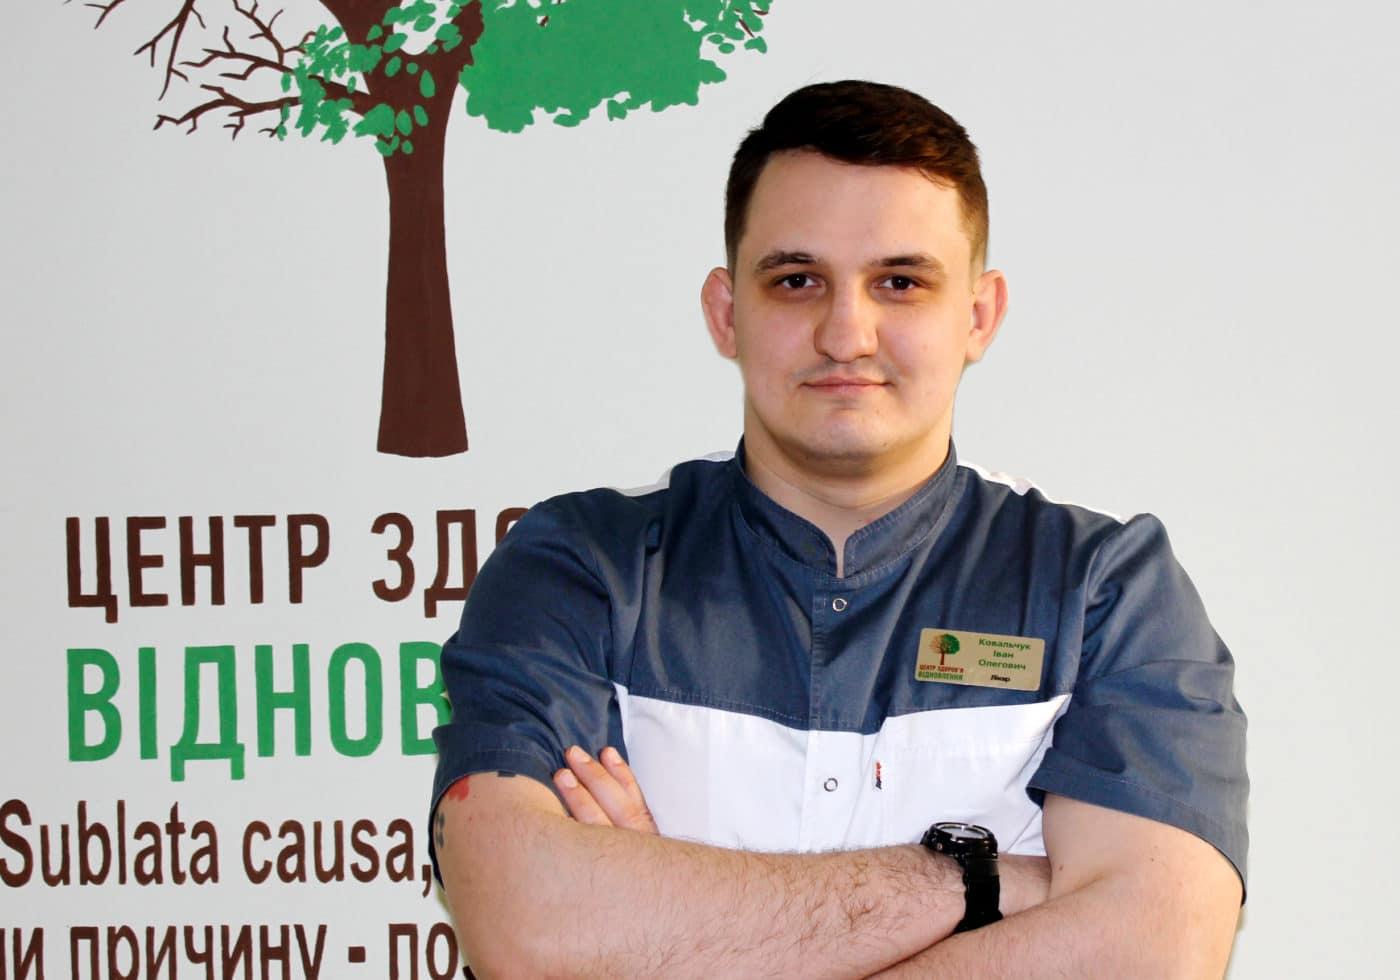 Иван Ковальчук, ортопед-травматолог